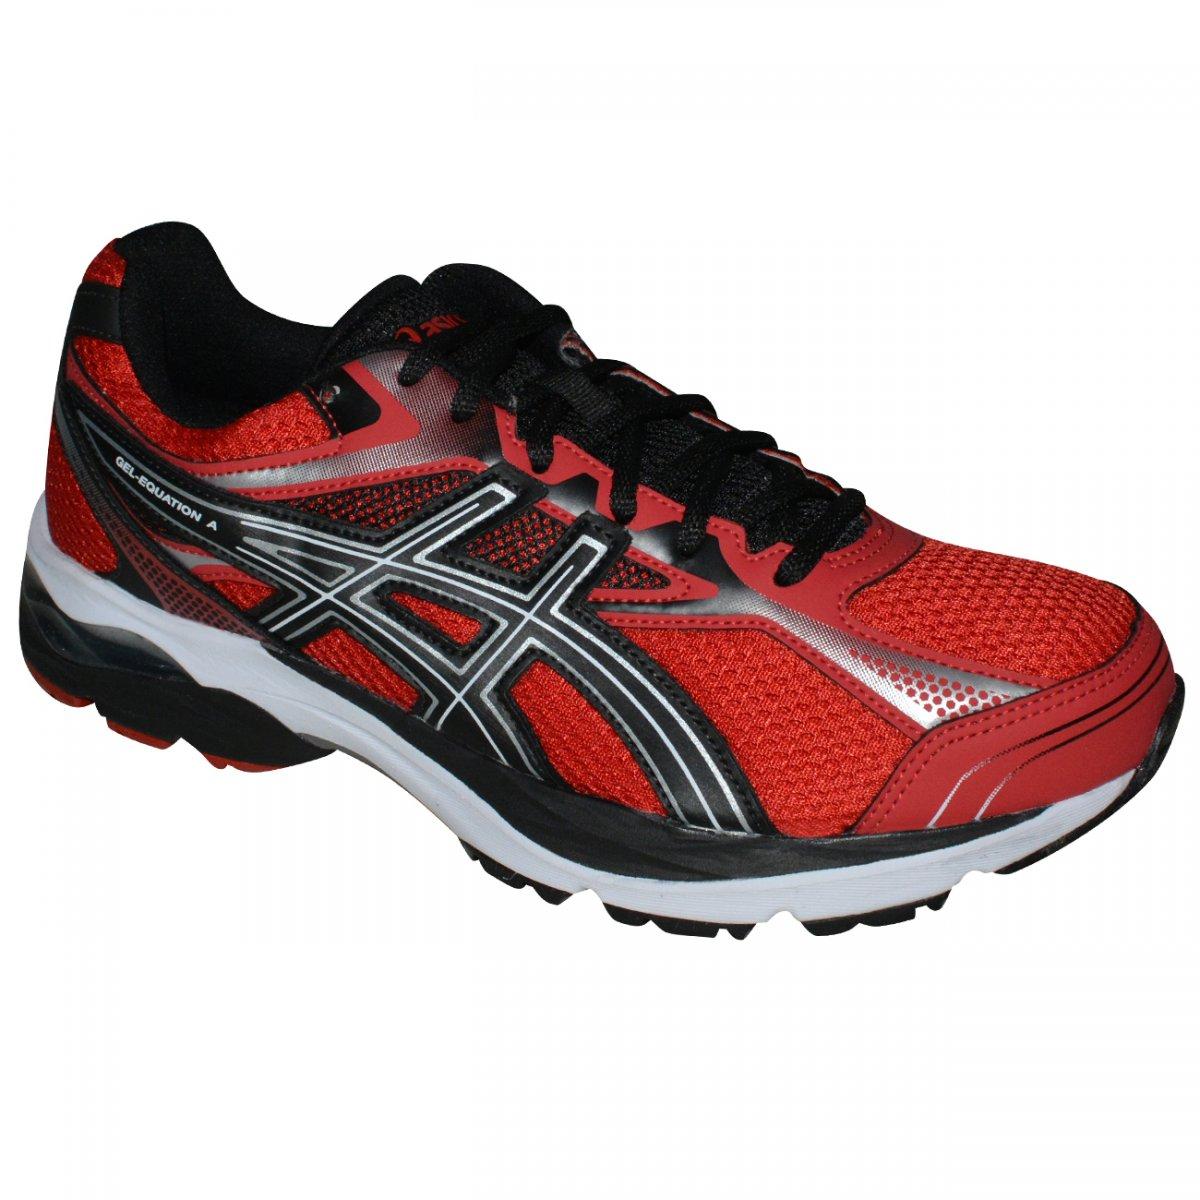 e87fada1297 Tenis Asics Gel-Equation 9 T022A 9001 - Vermelho preto prata - Chuteira Nike